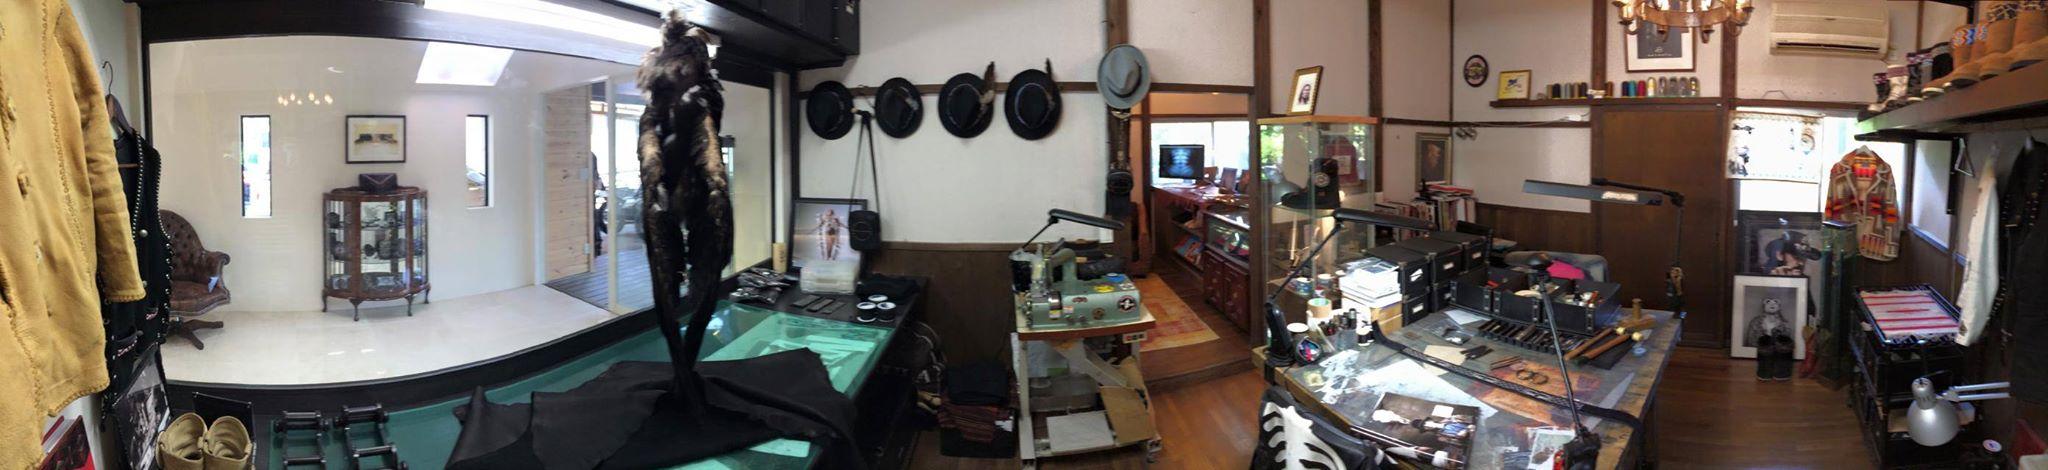 そして次の部屋へ入ると、SATANTAの心臓部である工房になる。 ここでインディアンカルチャーをSATANTAのフィルターに通す事で、新しい製品が生み出されてくる。